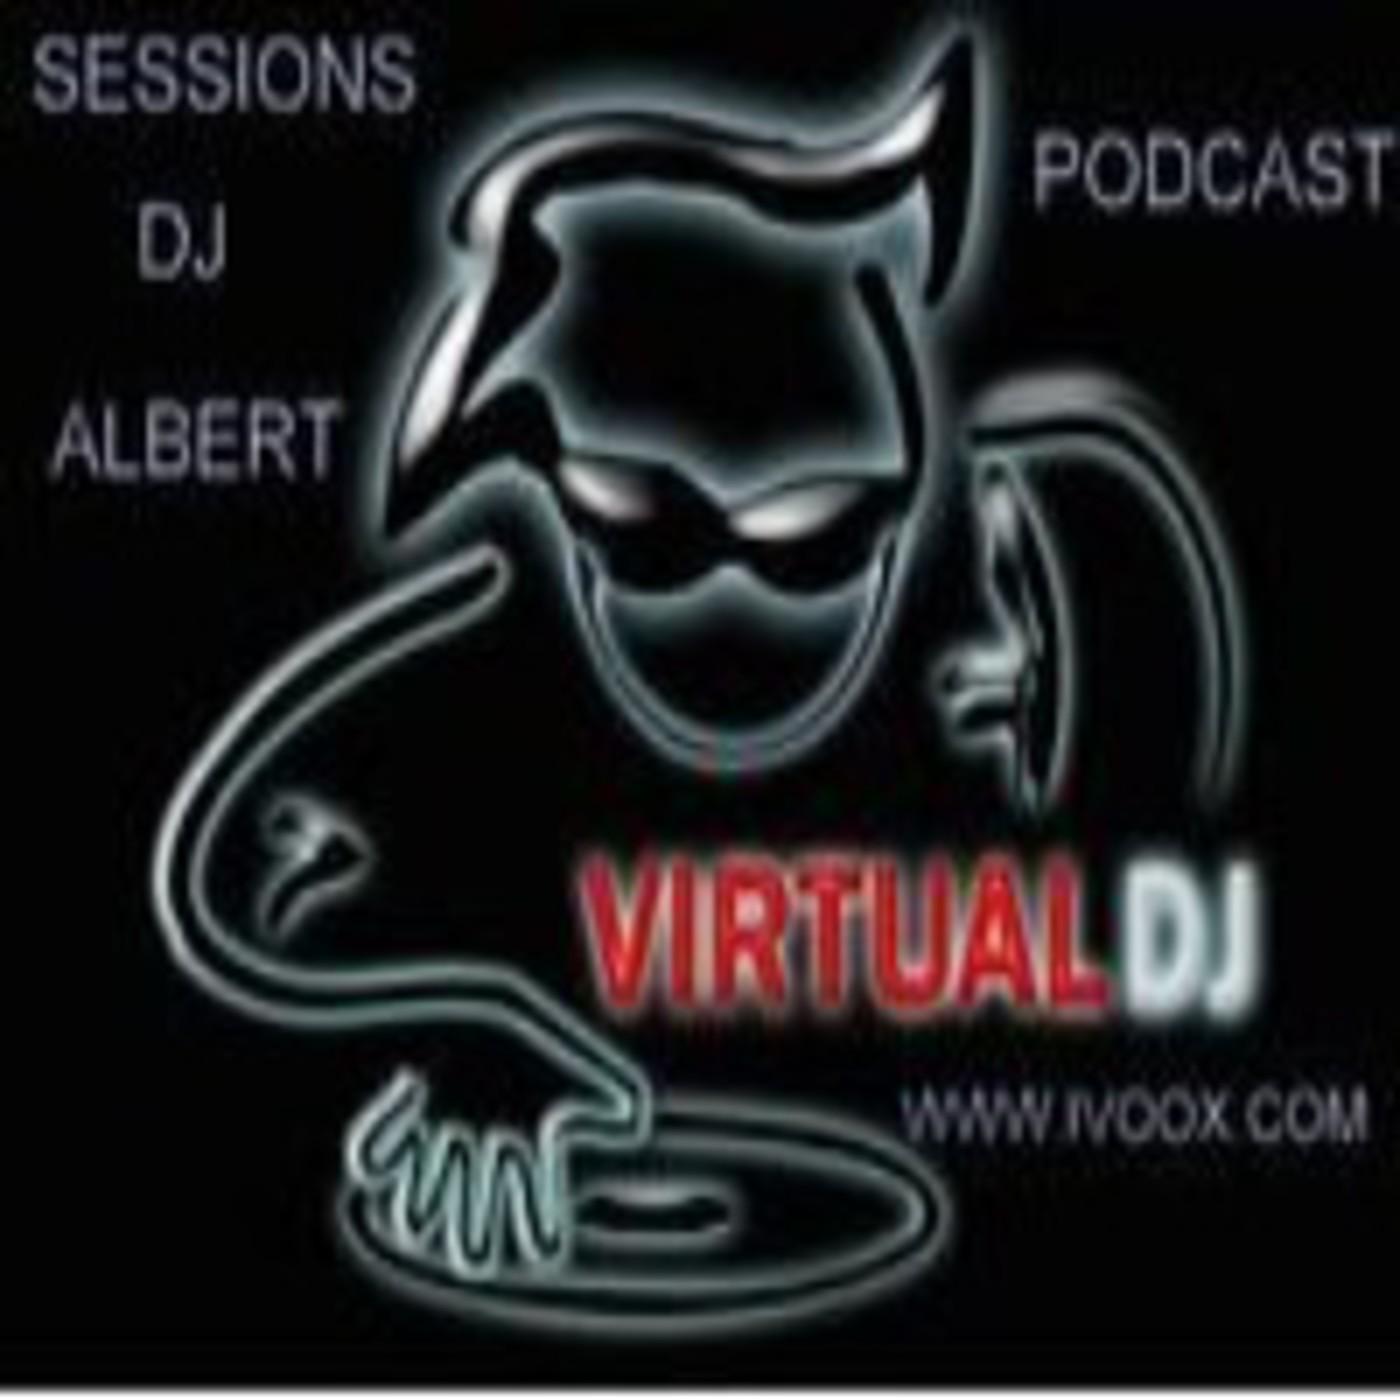 Dancefloor remix session dj albert en sessions dj albert for 1234 get on the dance floor dj mix